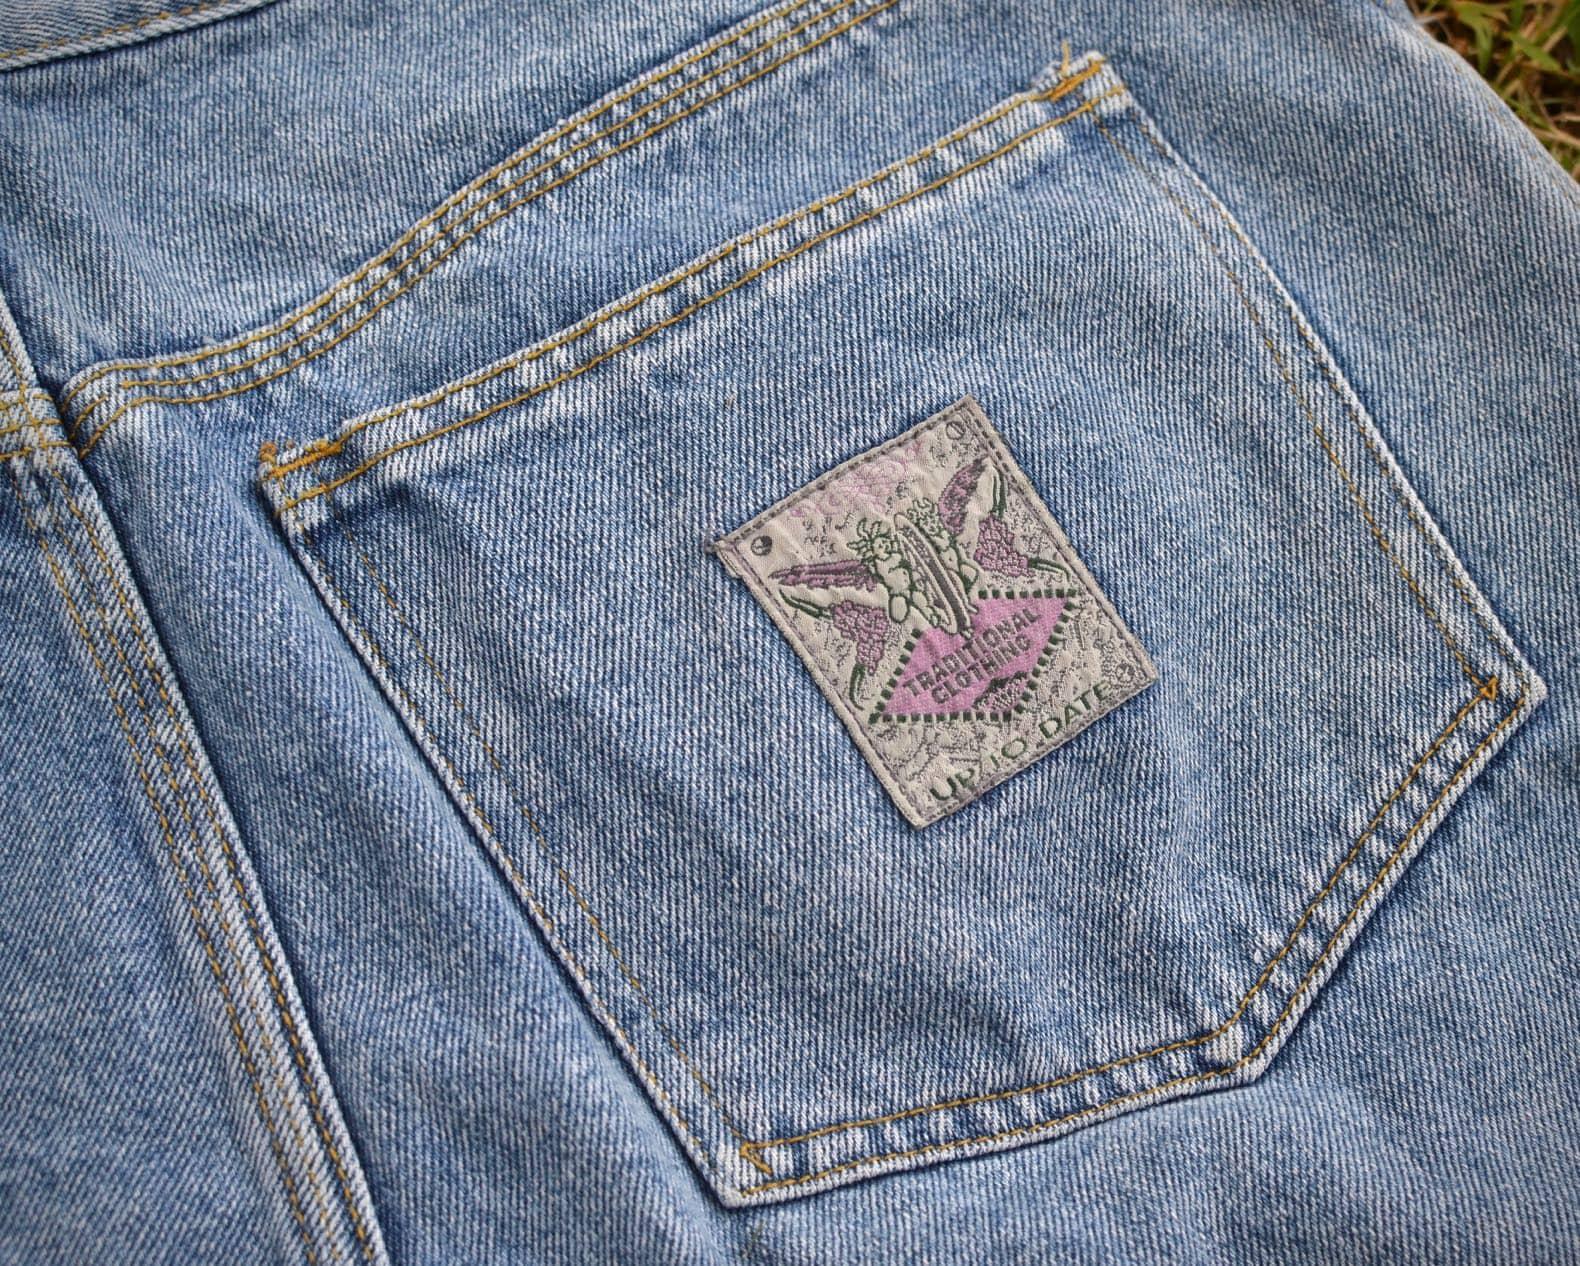 poche short jean ecusson